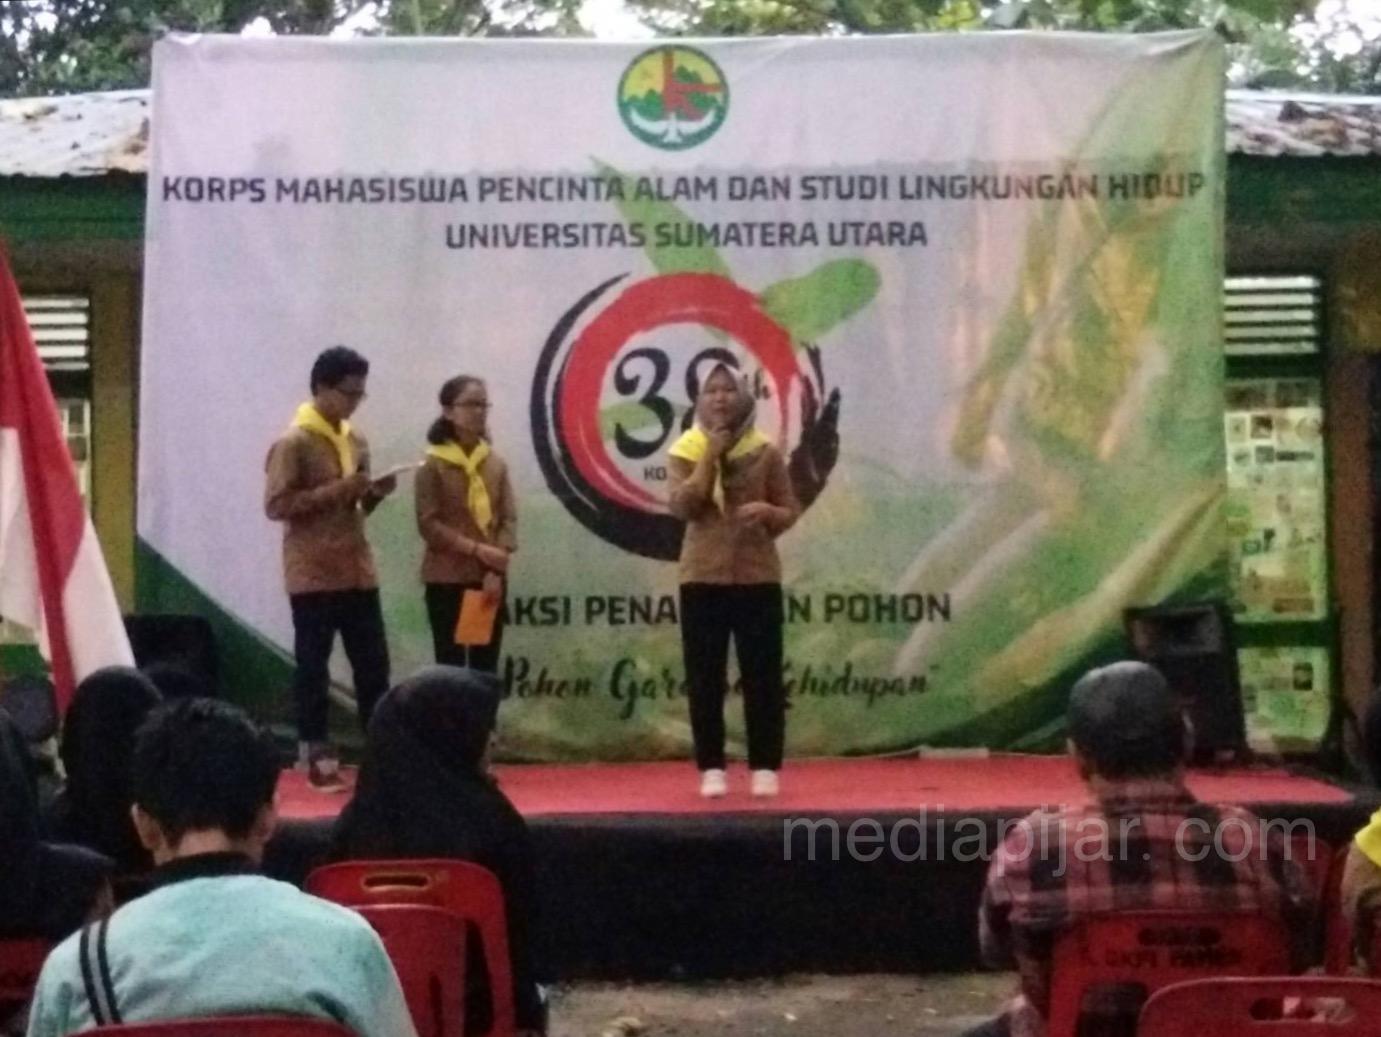 Kompas USU memperingati ulang tahun ke-38 di Sekretariat KOMPAS USU (05/10) dengan melakukan aksi menanam pohon yang dihadiri oleh UKM USU, PEMA USU, dan mahasiswa pecinta alam Sumatera Utara (MAPALASU). (Fotografer: Hermita Uly)